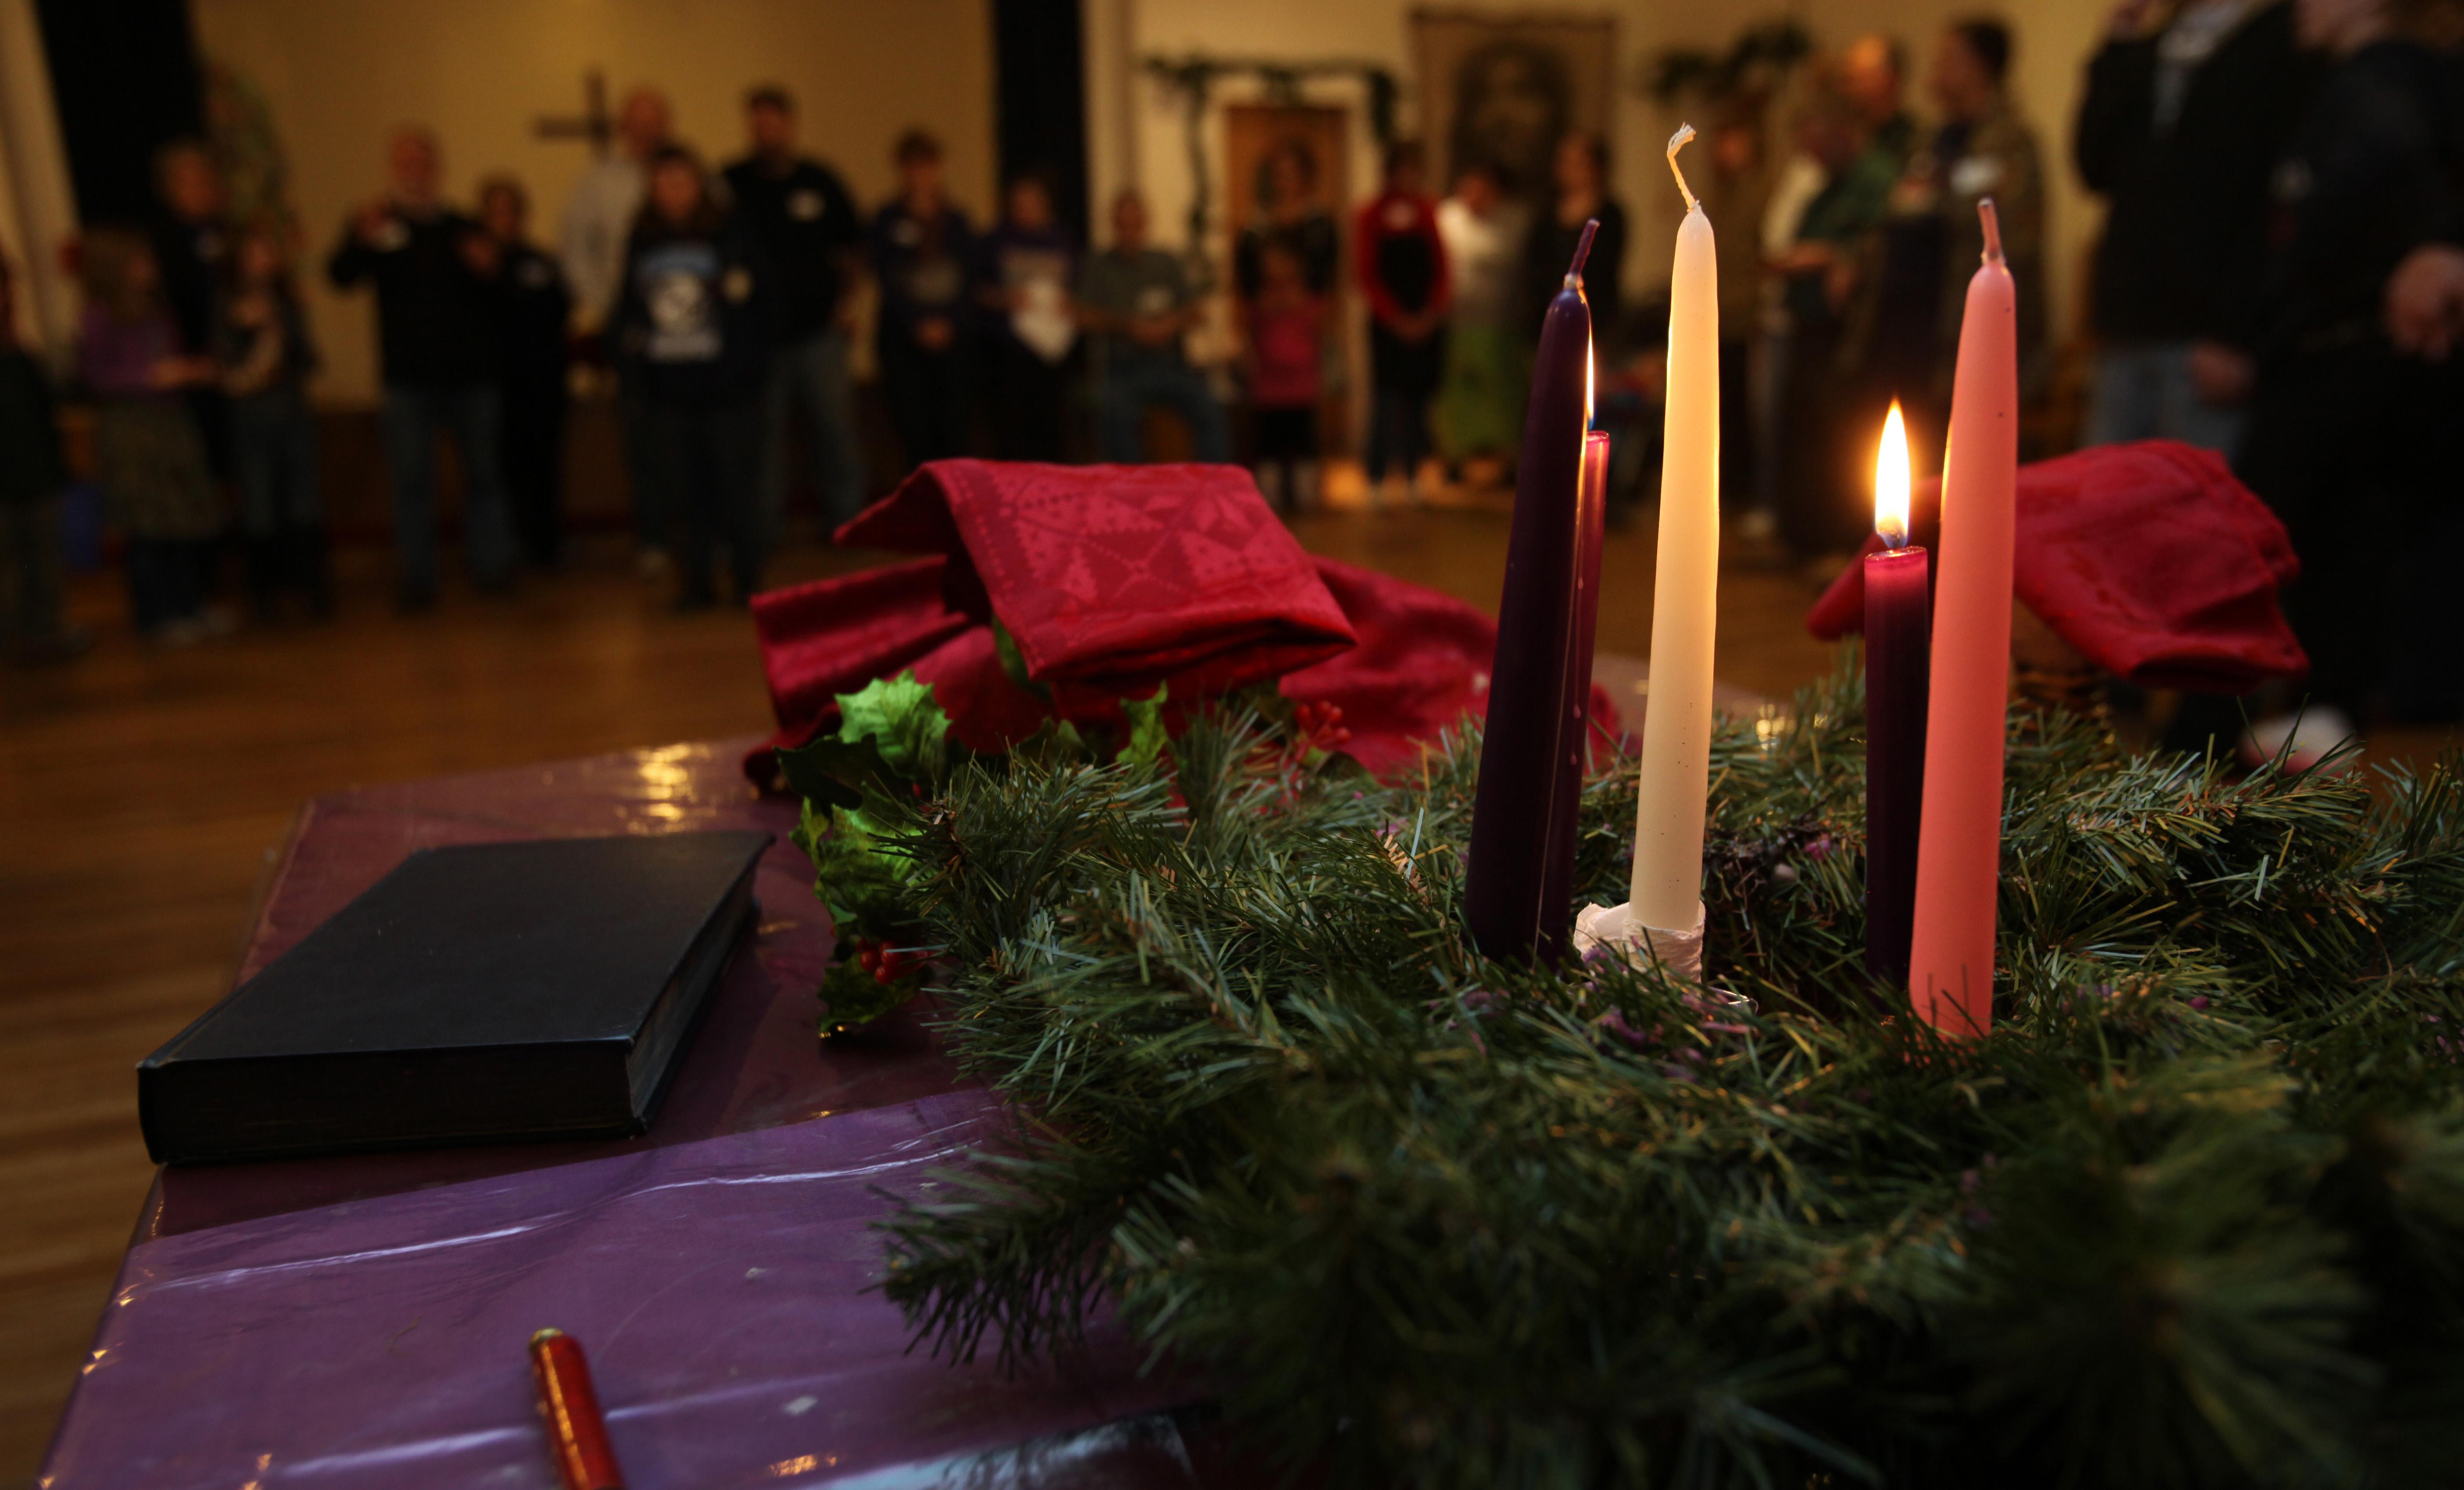 Durante cada domingo del Adviento, nos enfocamos en una de las cuatro virtudes que Jesús nos trae: Esperanza, Amor, Alegría y Paz. Foto por Kathleen S. Barry